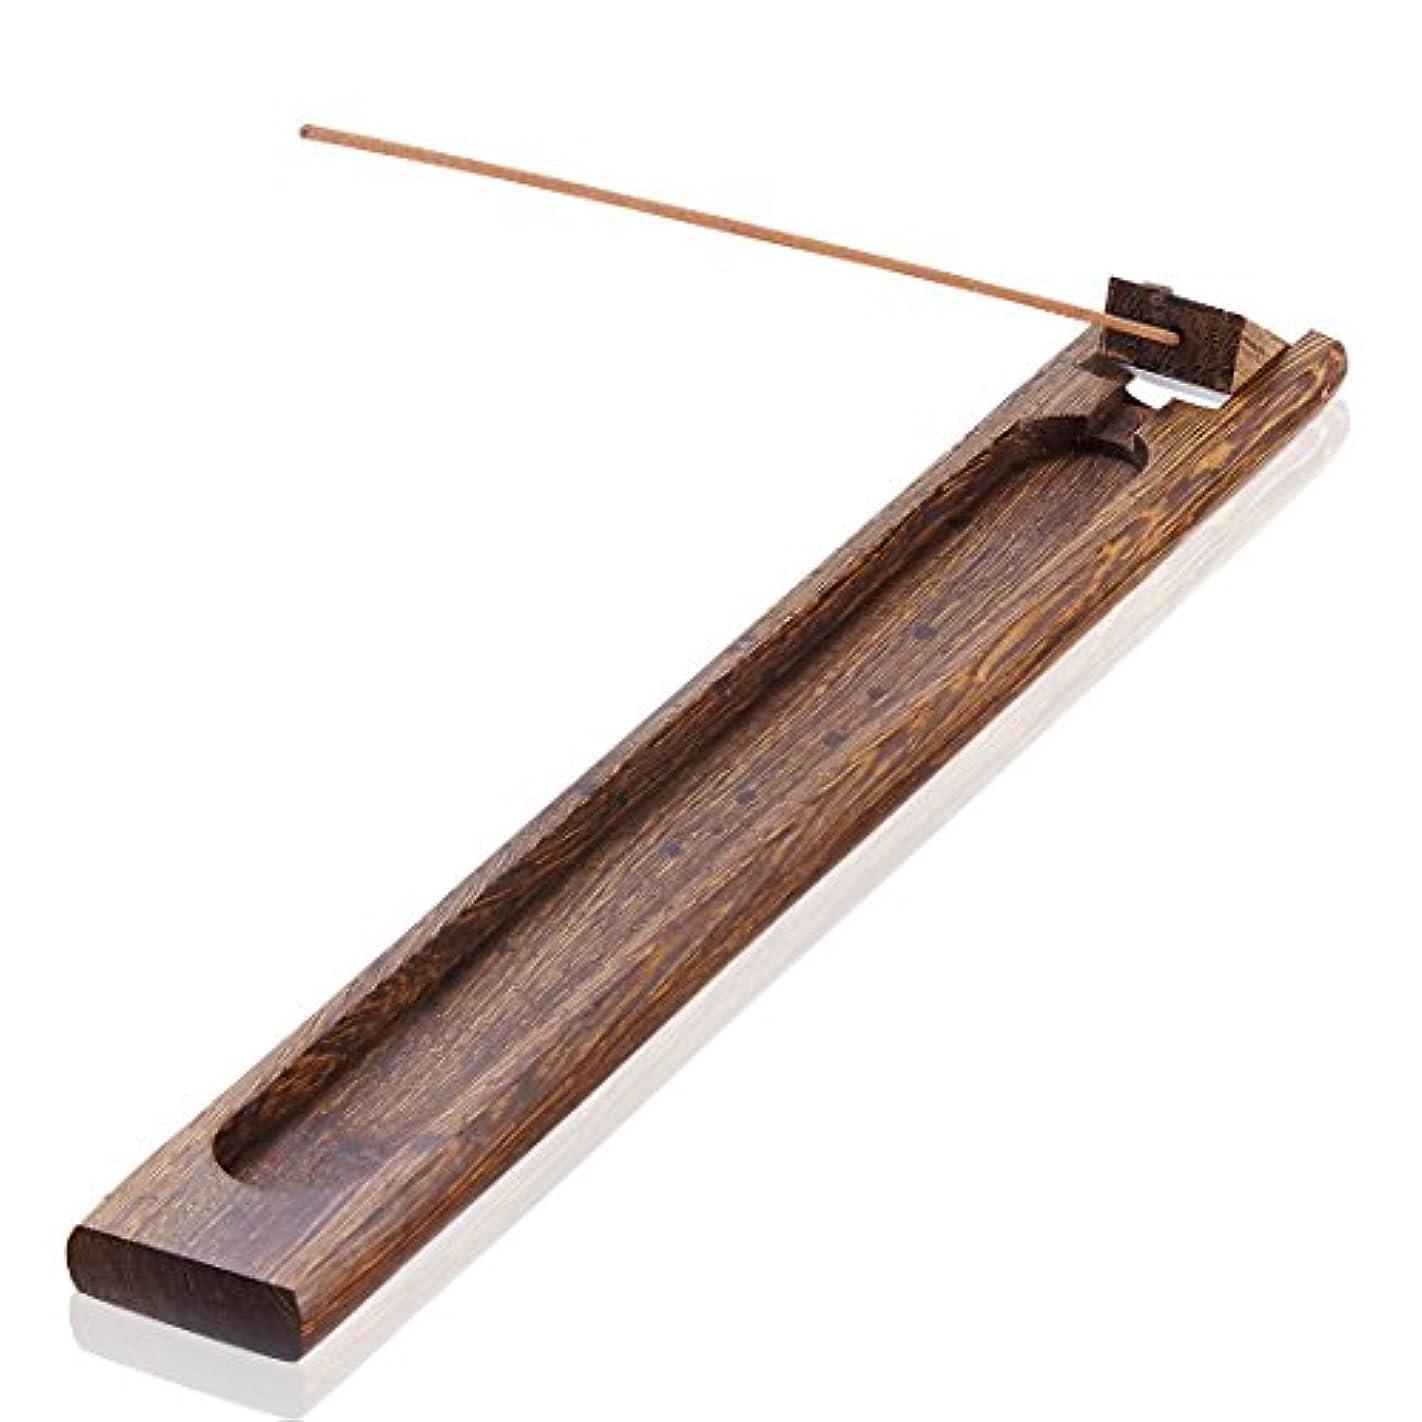 たらい敬先のことを考える(02) - UOON Antique Wood Incense sticks Burner Holder Ash Catcher (02)